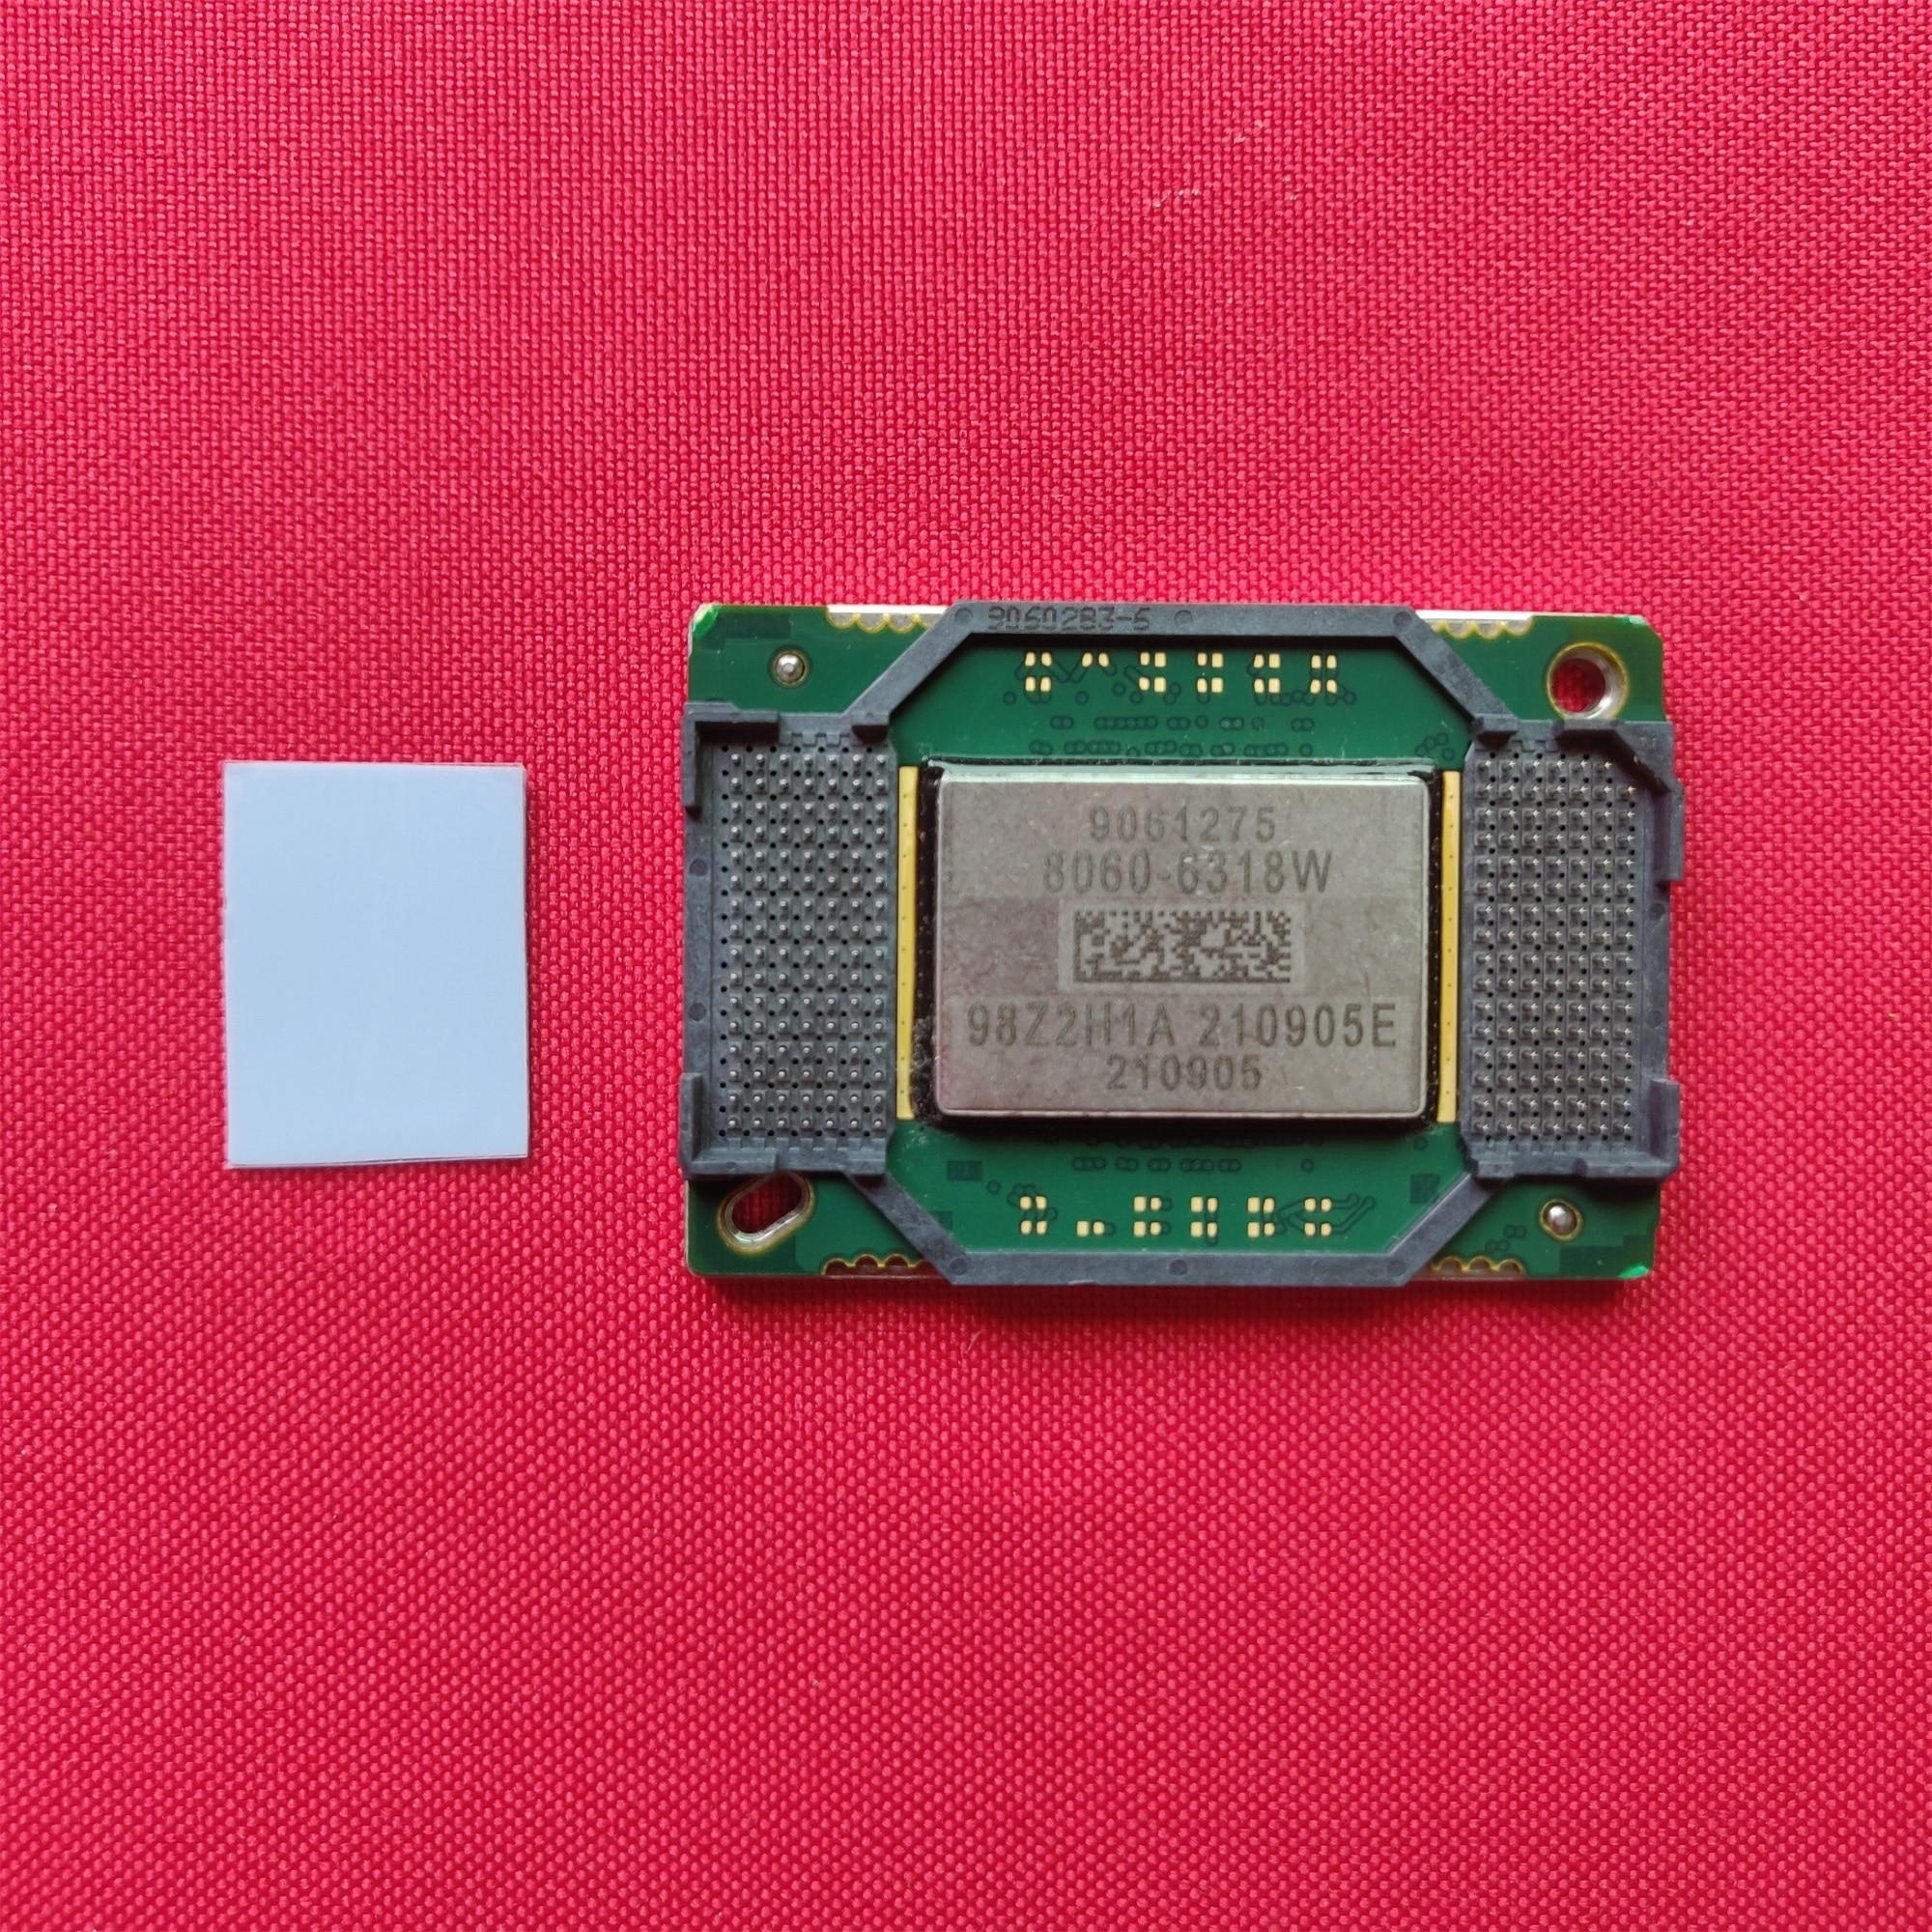 DLP проектор DMD чип 8060-6318 Вт/8060-6319 Вт конкурентоспособные большие для проекторов/проекций